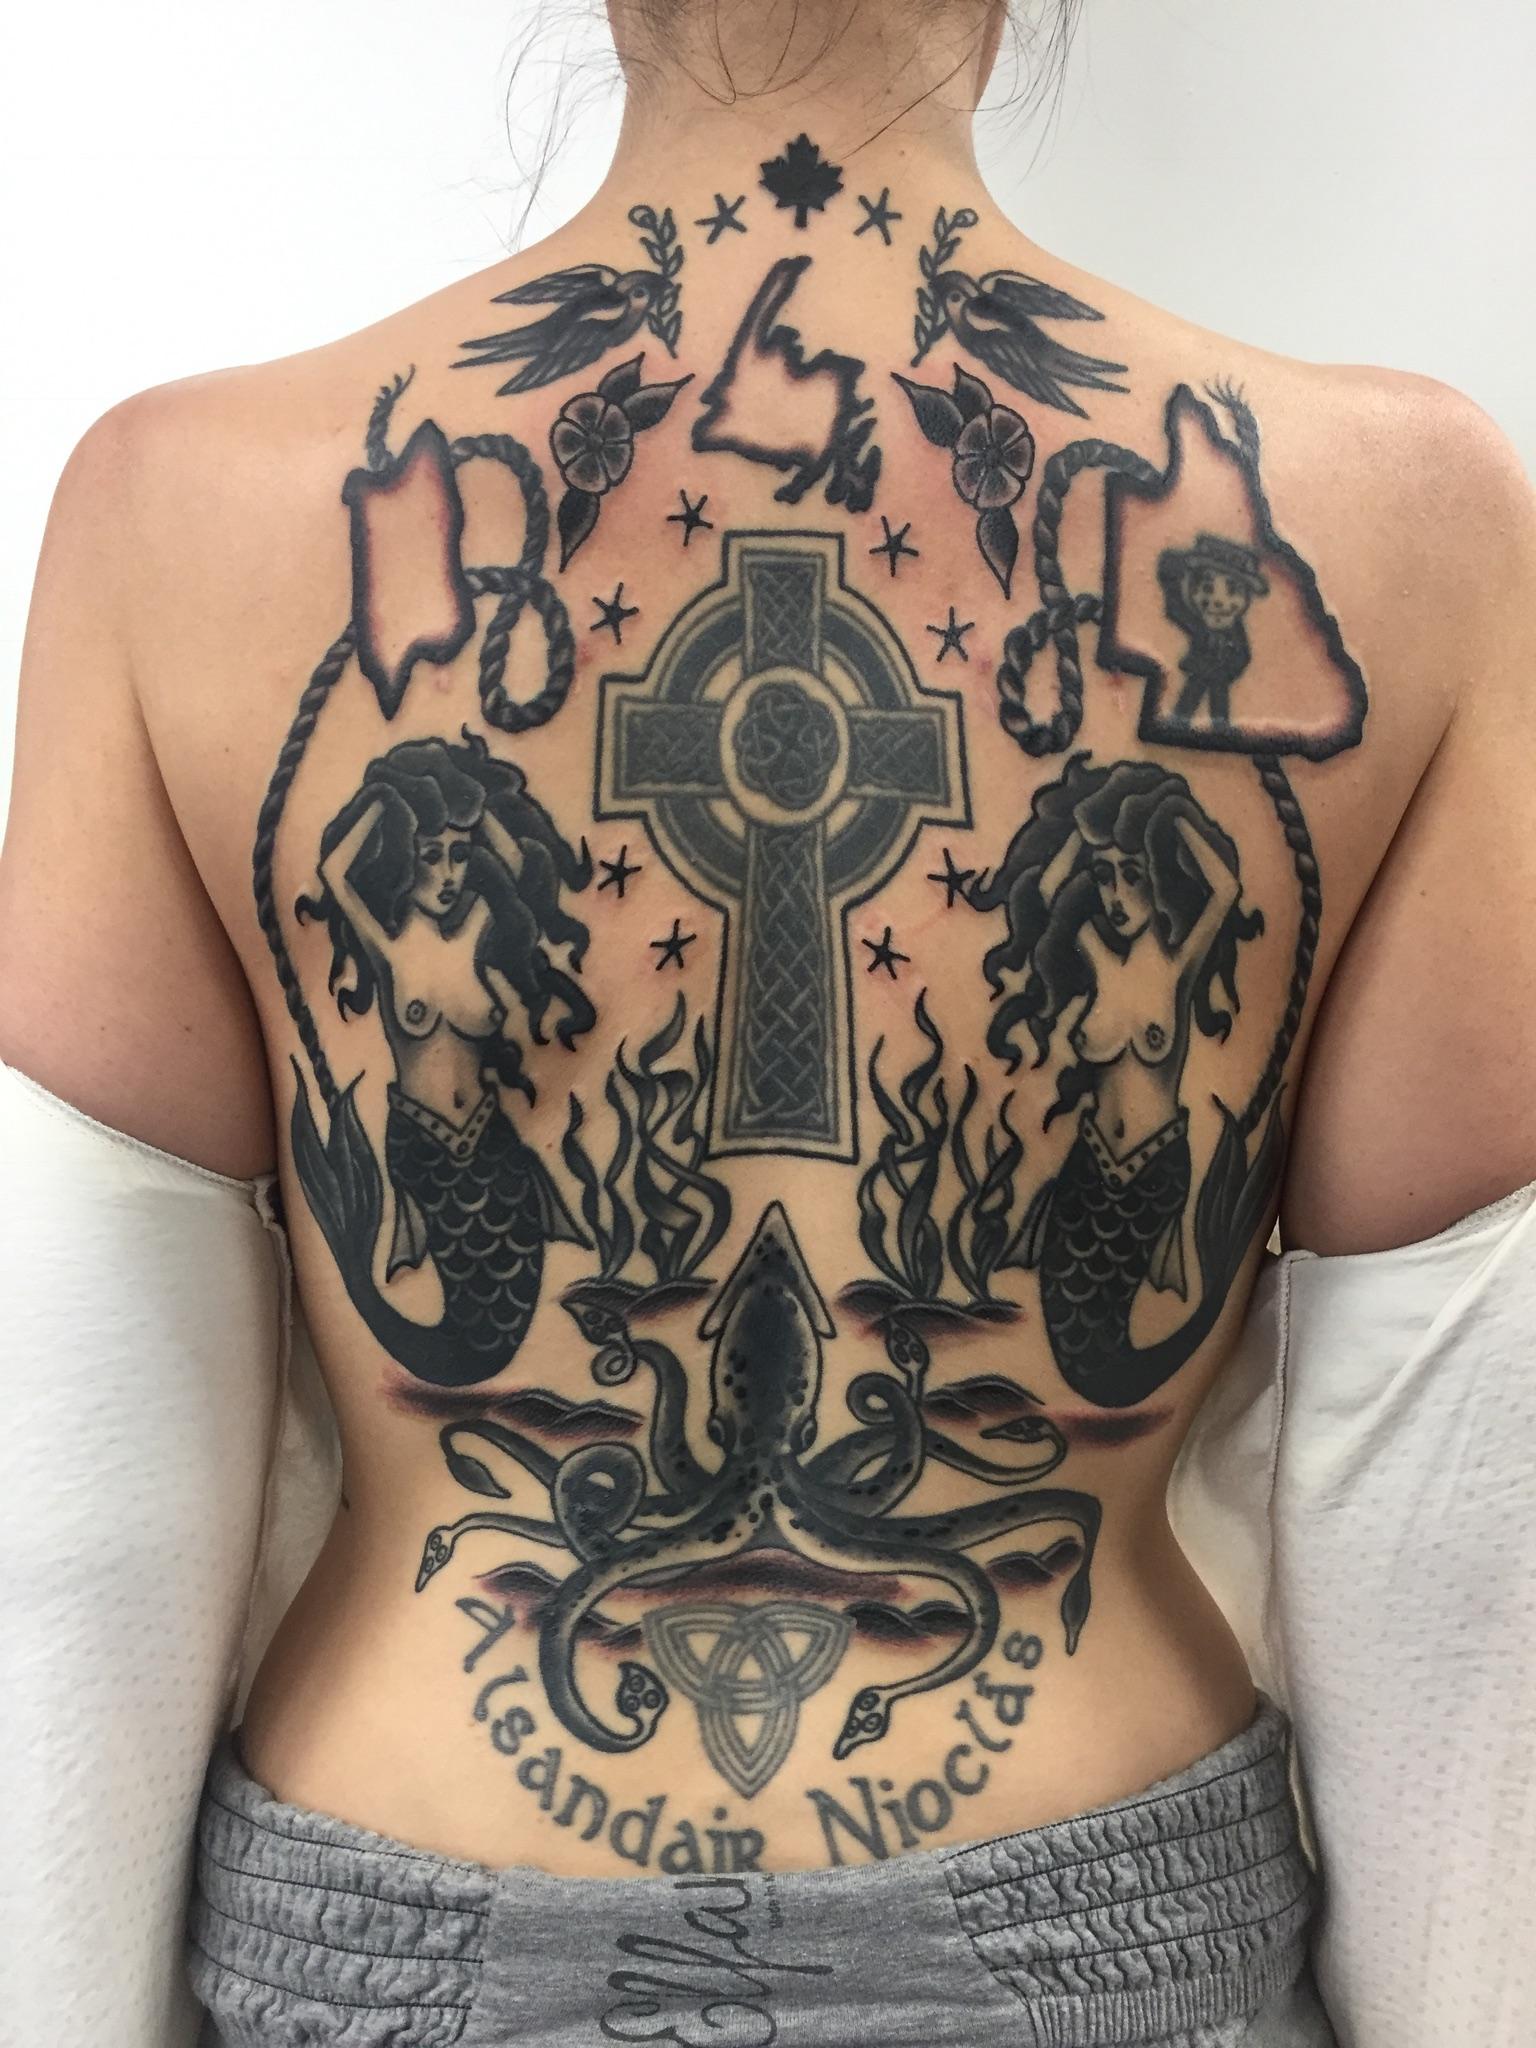 Remy Chunixk Tattoo 2019 Okanagan Tattoo Show & Brewfest Artist